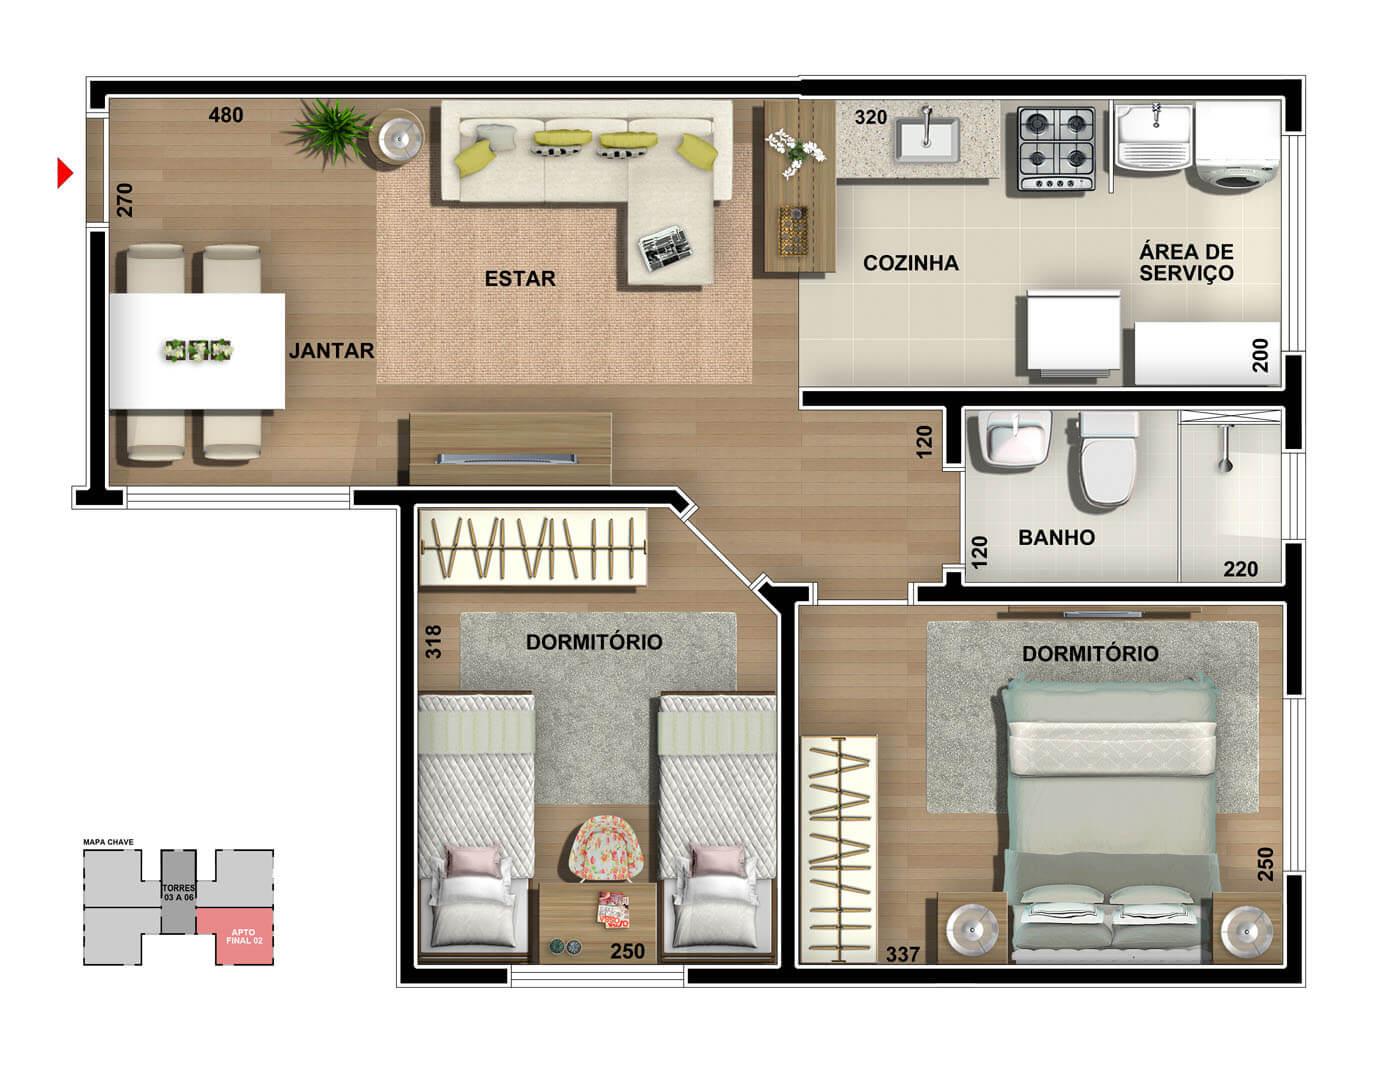 vic-engenharia-master-tower-siena-apartamento-terreo-variacao